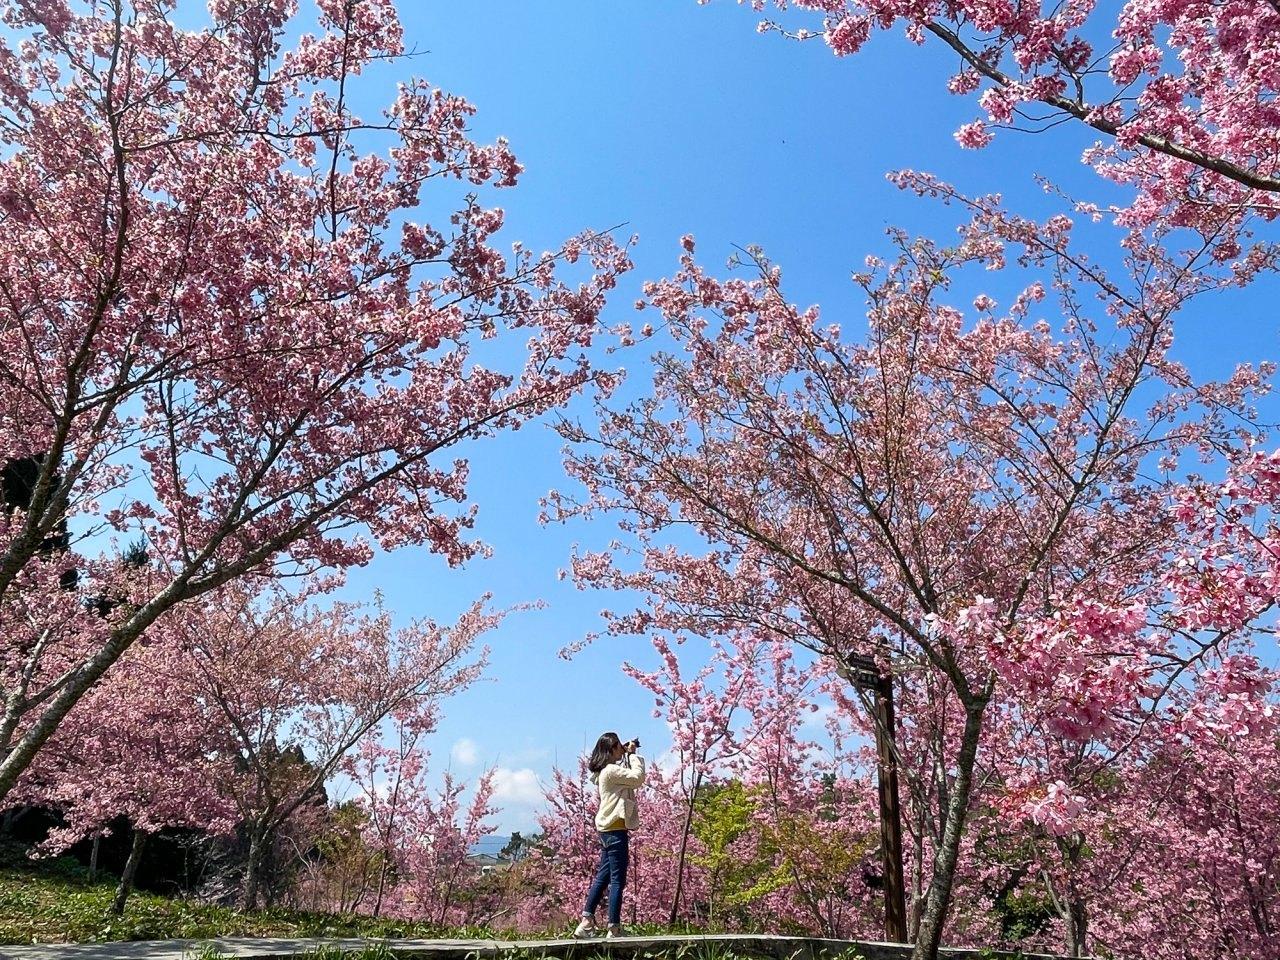 ▲福壽山農場千櫻園盛開一路到4月初,接續古邁茶園周邊櫻花也會持續至4 月底。